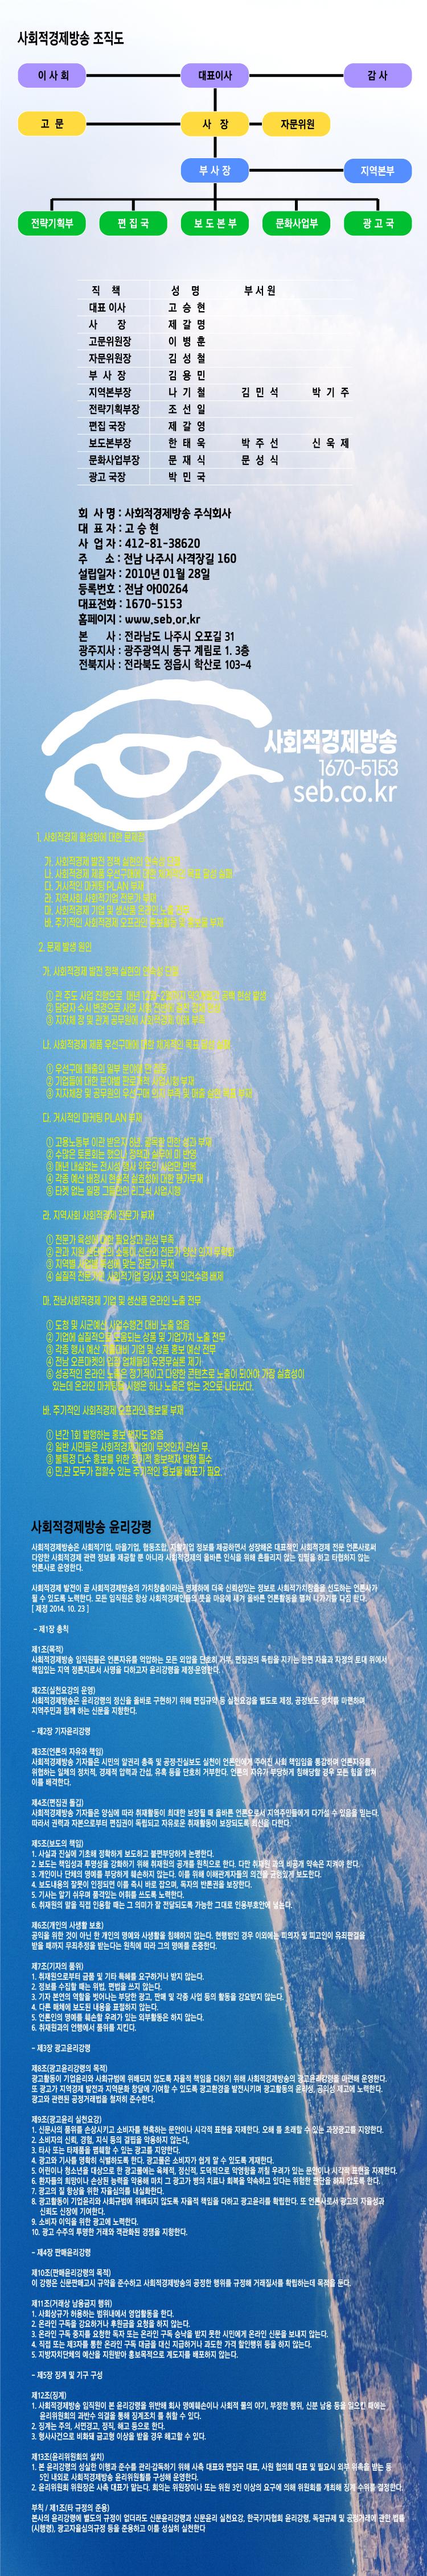 사회적경제방송-회사소개-가로750픽셀.jpg